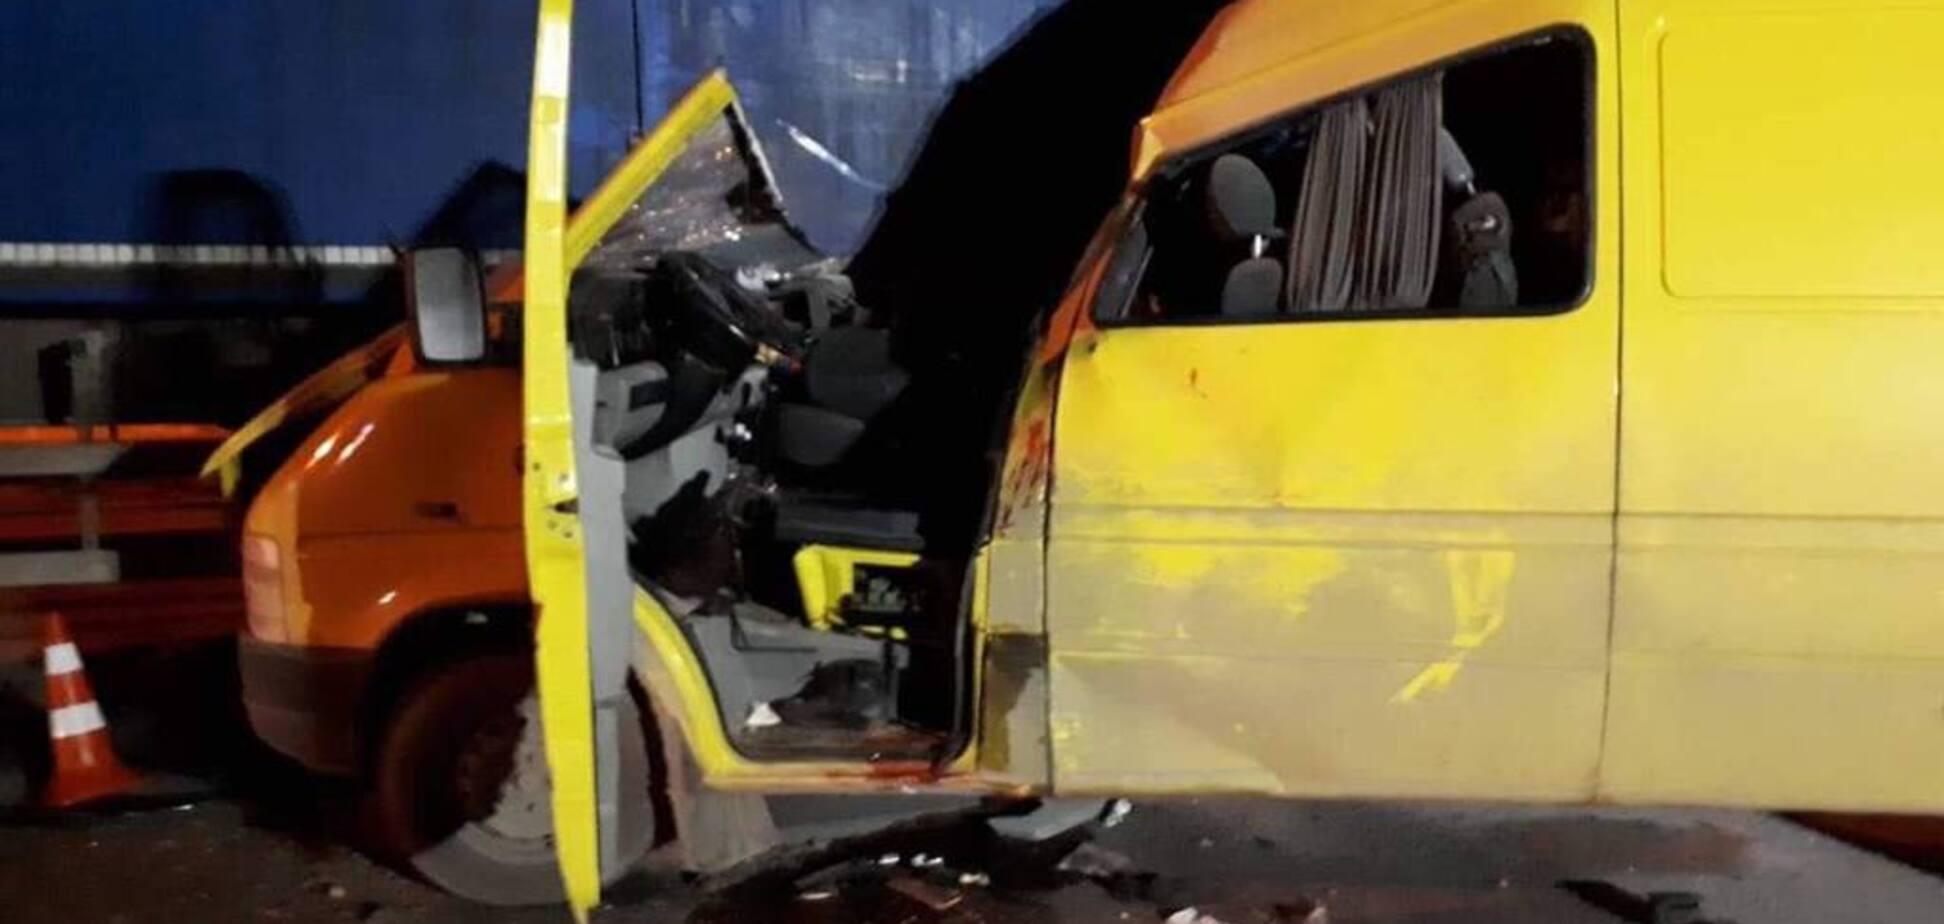 Під Вінницею в ДТП розбилися іноземці: багато жертв та постраждалих. Фото